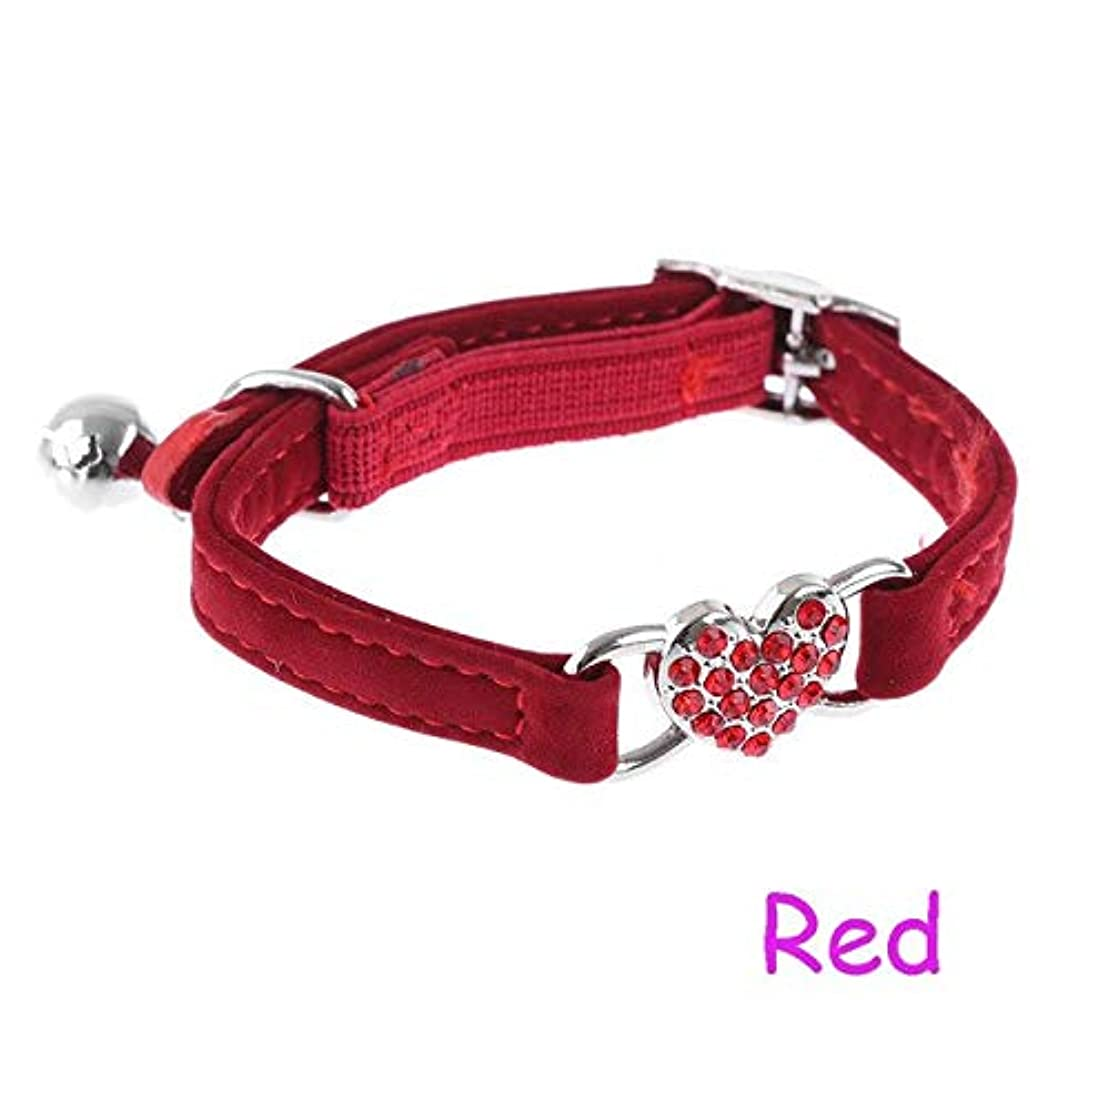 ハンカチりヒューバートハドソンQCMRD わんわん猫ソフトペットネックチェーン用1PC子犬弾性ベルハートアジャスタブルペット犬子犬の首輪ベルナイロンドットのネックレス (Color : Red, Size : ONE SIZE)